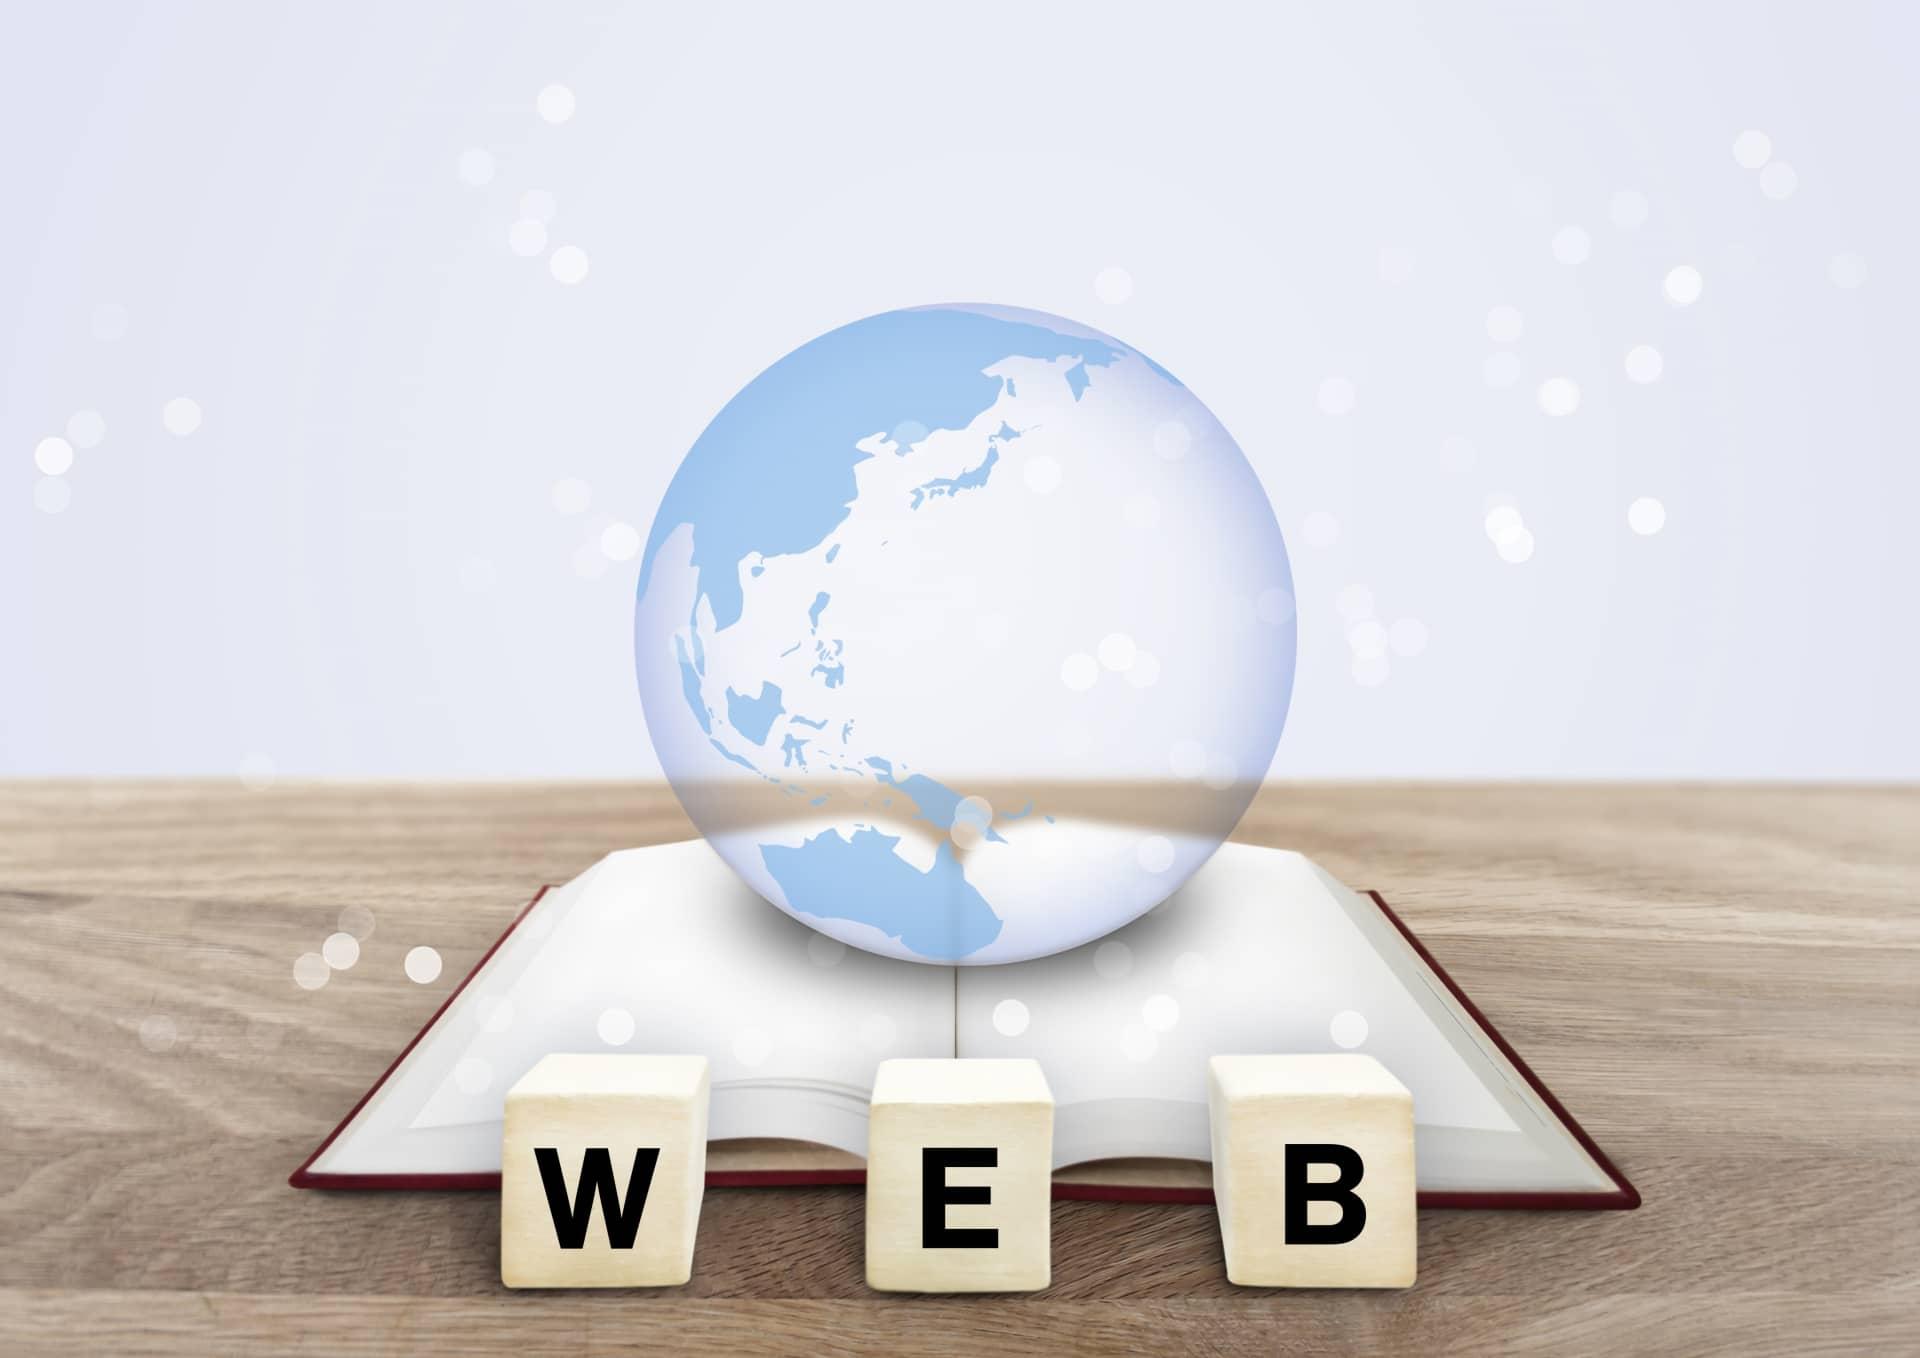 WEBの文字